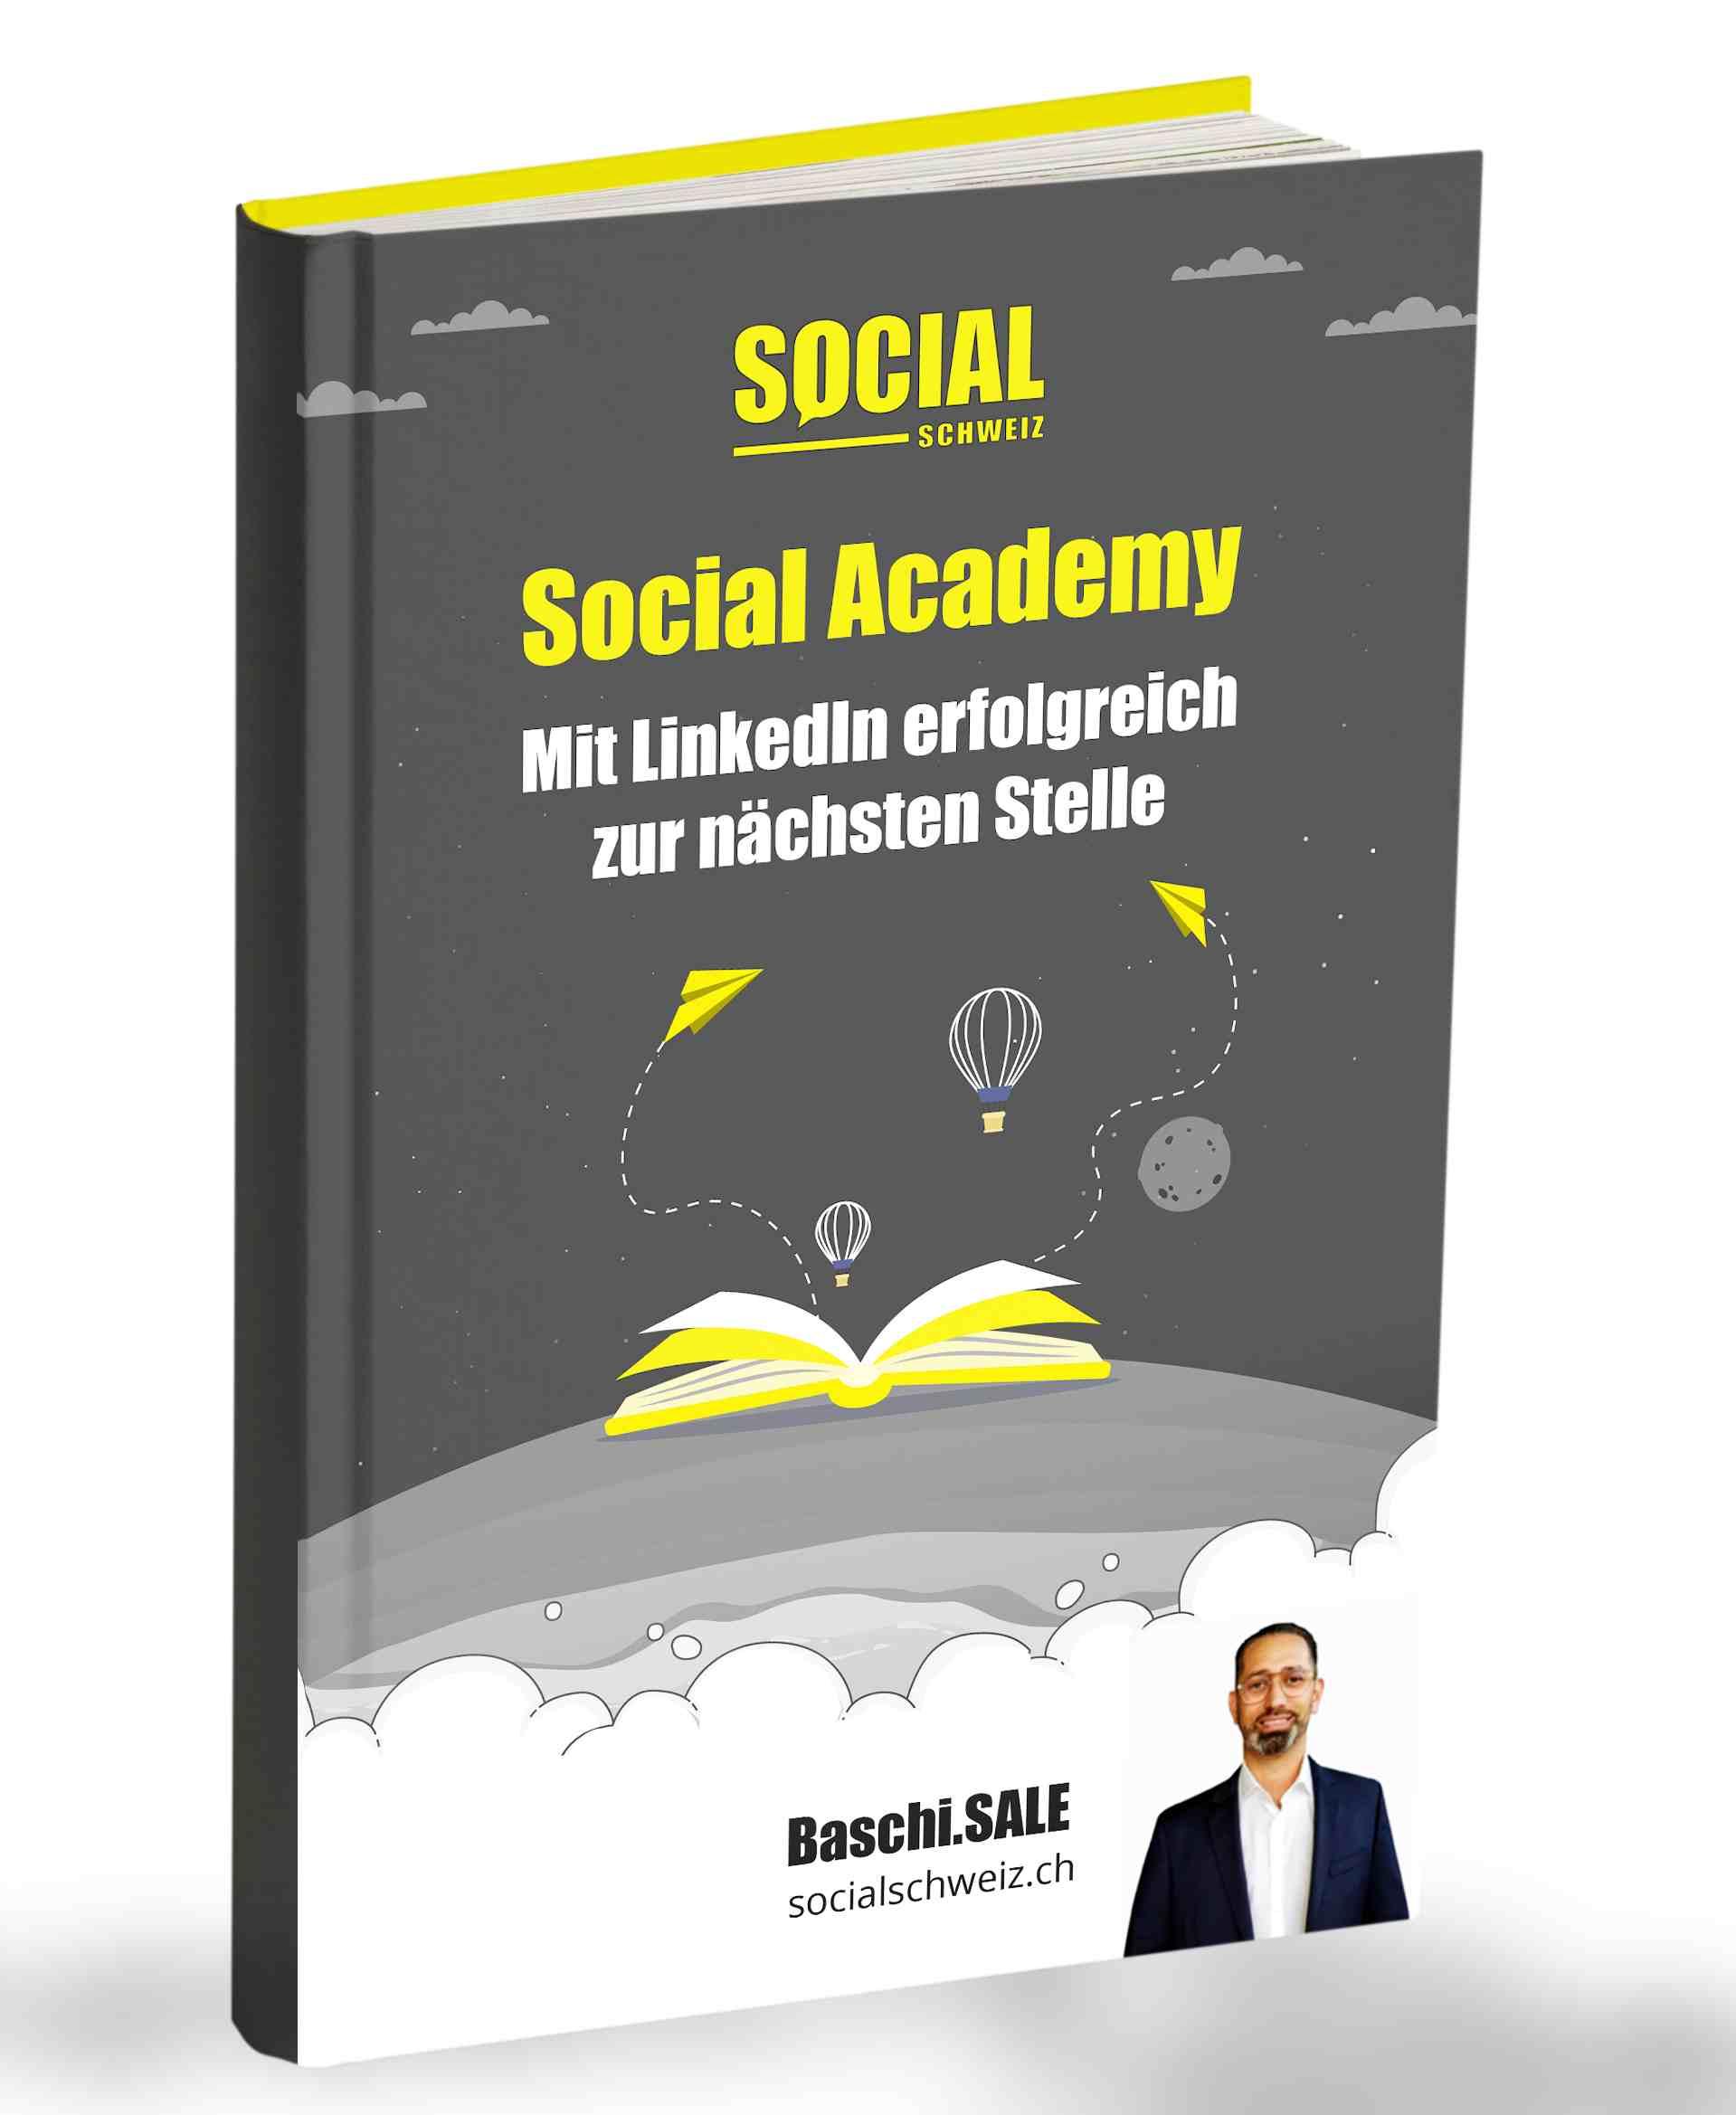 Erweitere dein Social Selling und LinkedIn Wissen mit dem Buch von Social Schweiz.